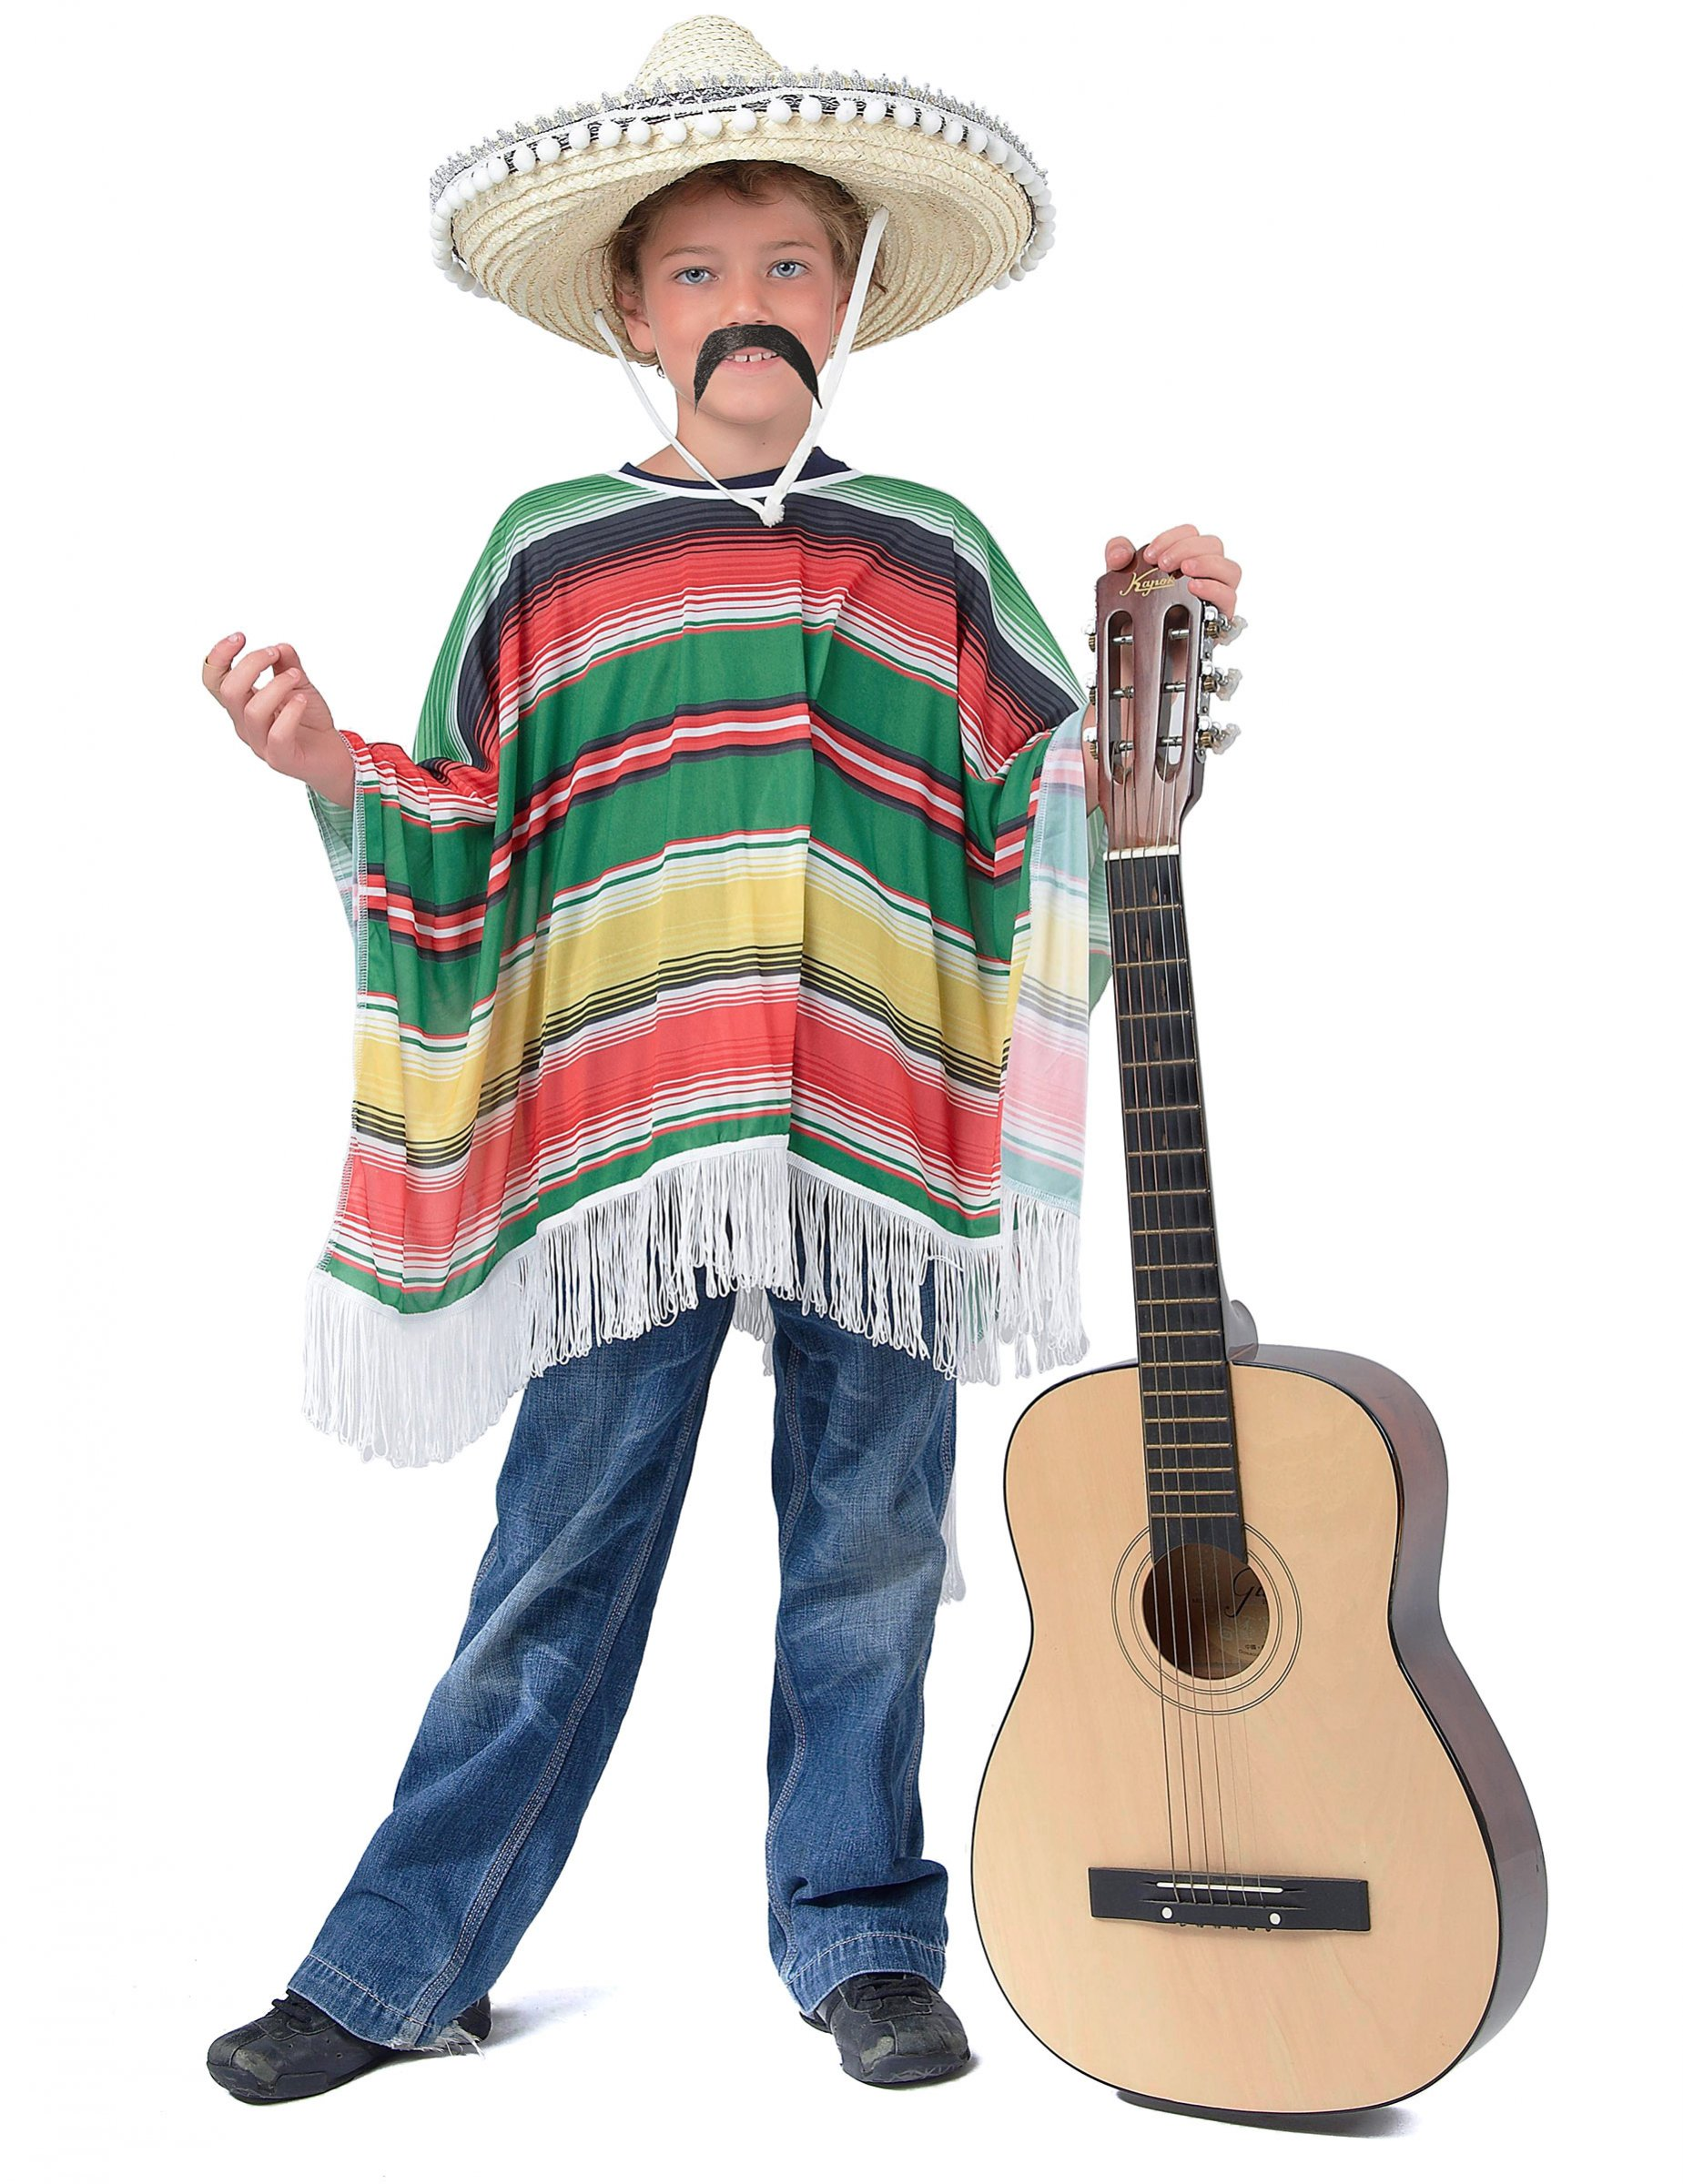 Poncho messicano per bambino su VegaooParty b7204ad1ad36